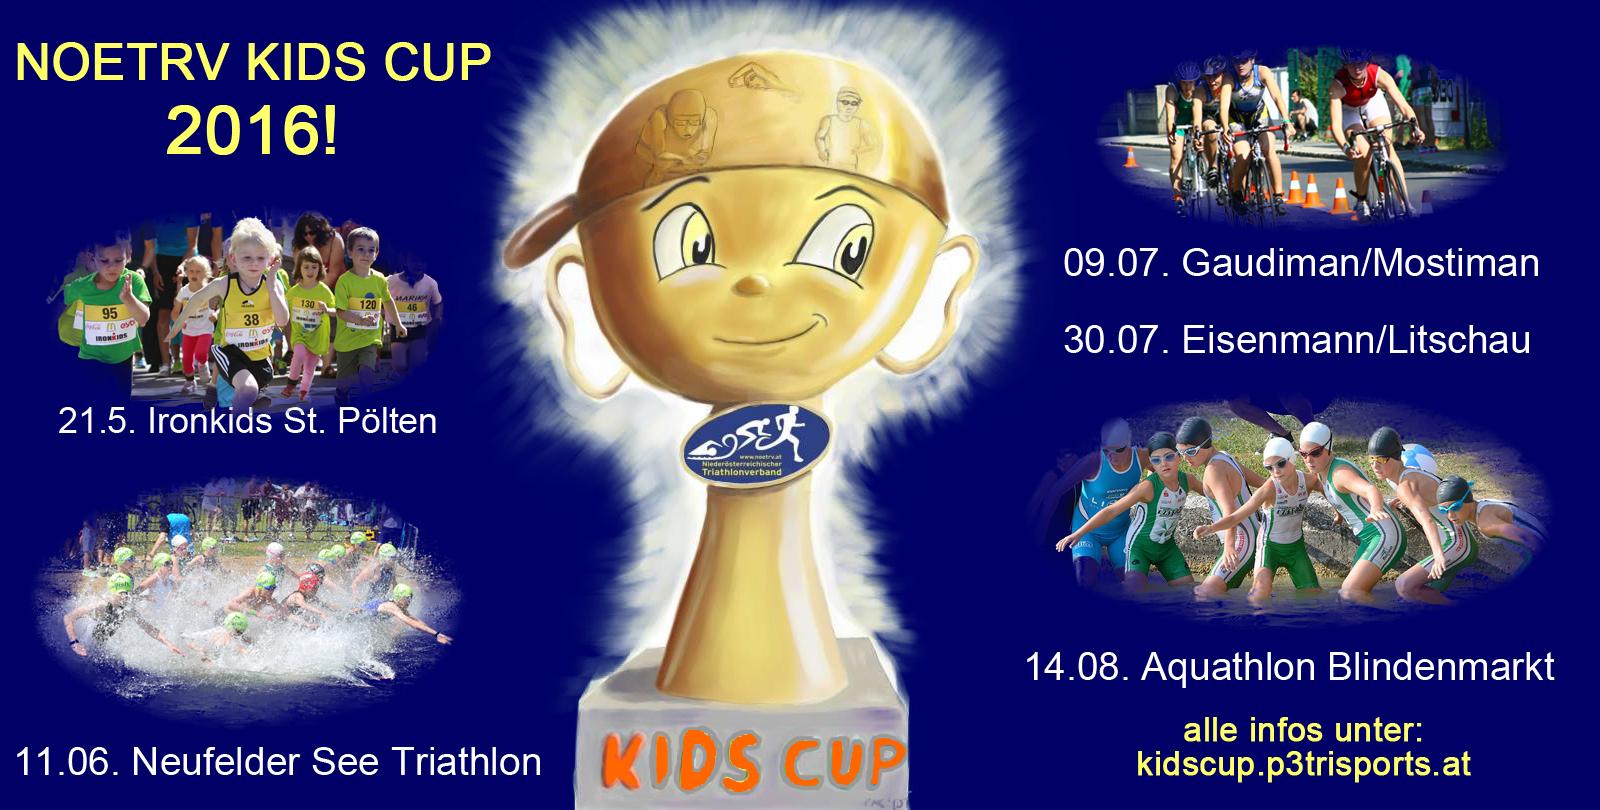 NOETRV-Kids-Cup-Folder